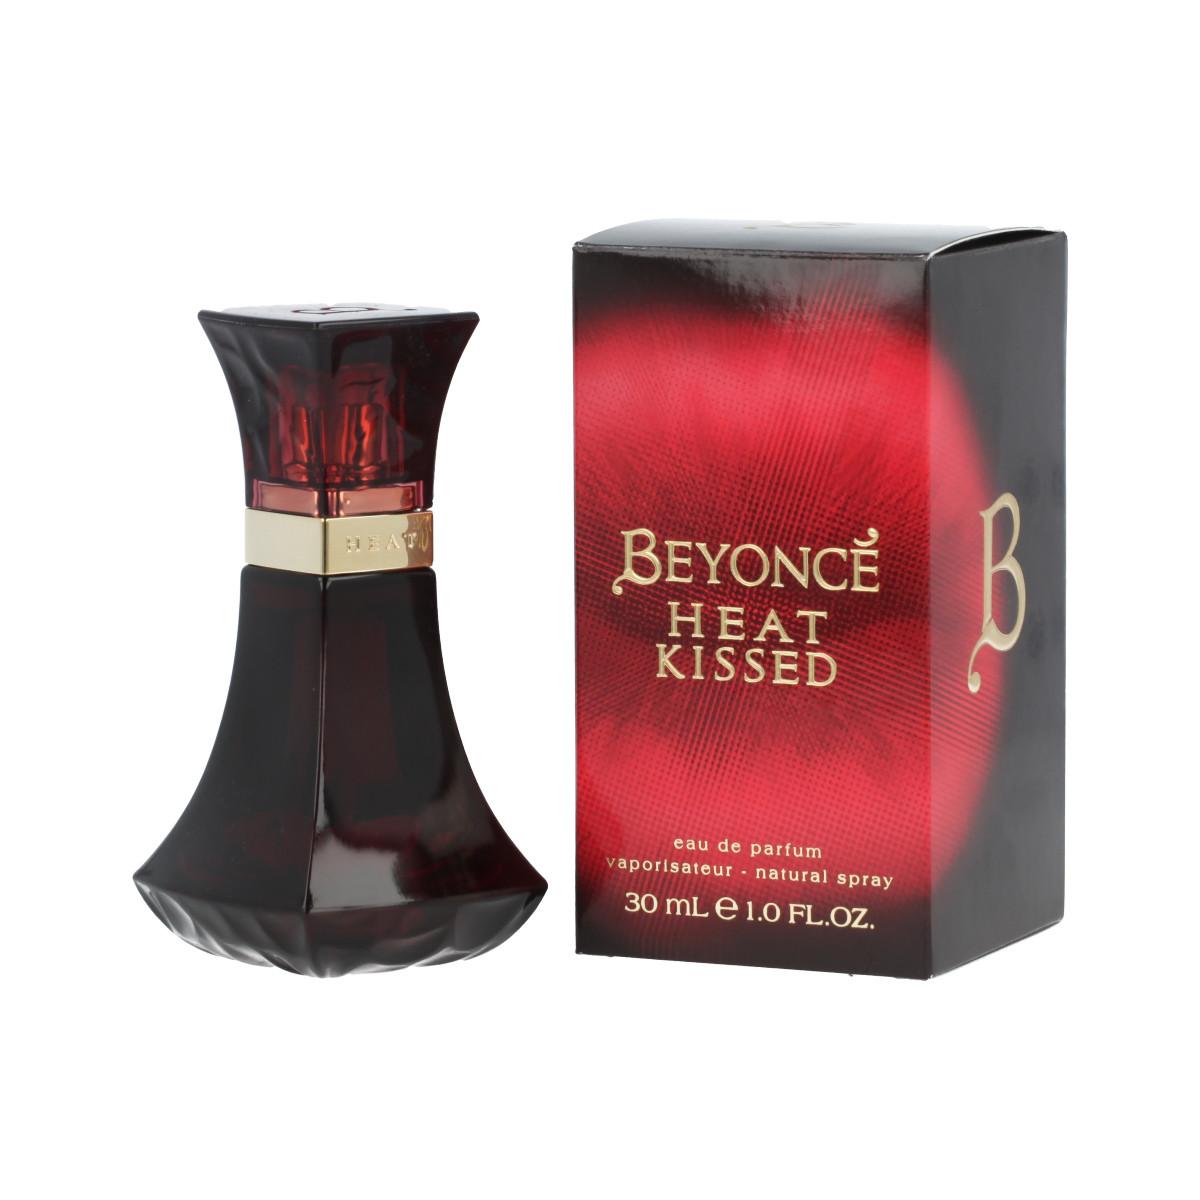 Beyonce Heat Kissed Eau De Parfum 50 ml (woman):